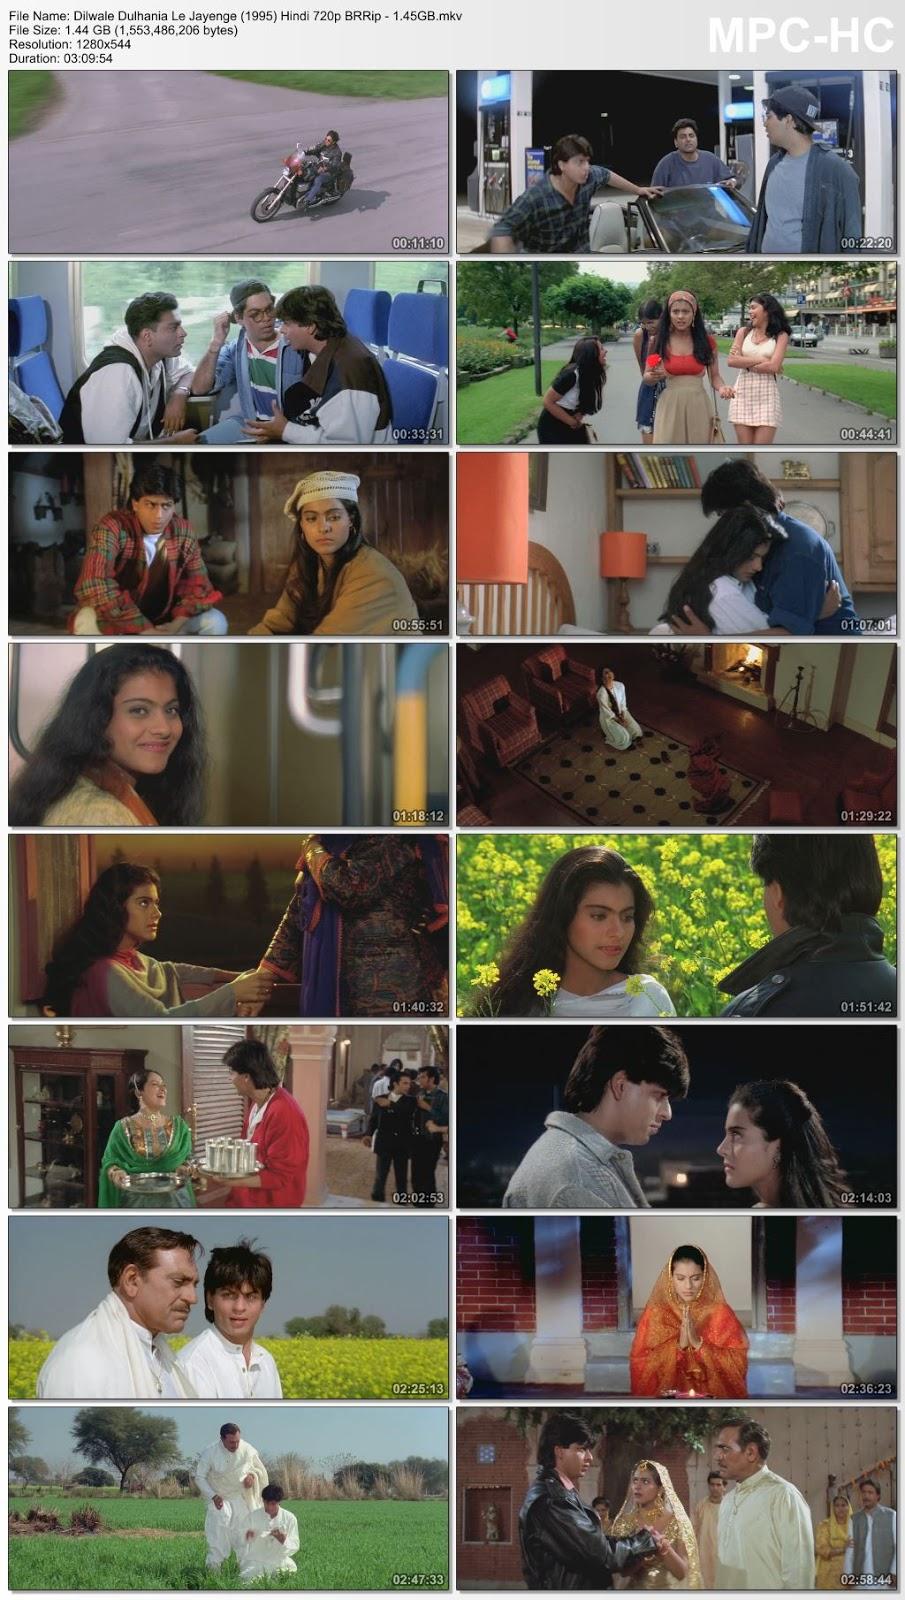 Dilwale Dulhania Le Jayenge (1995) Hindi 720p BRRip 1.45GB Desirehub